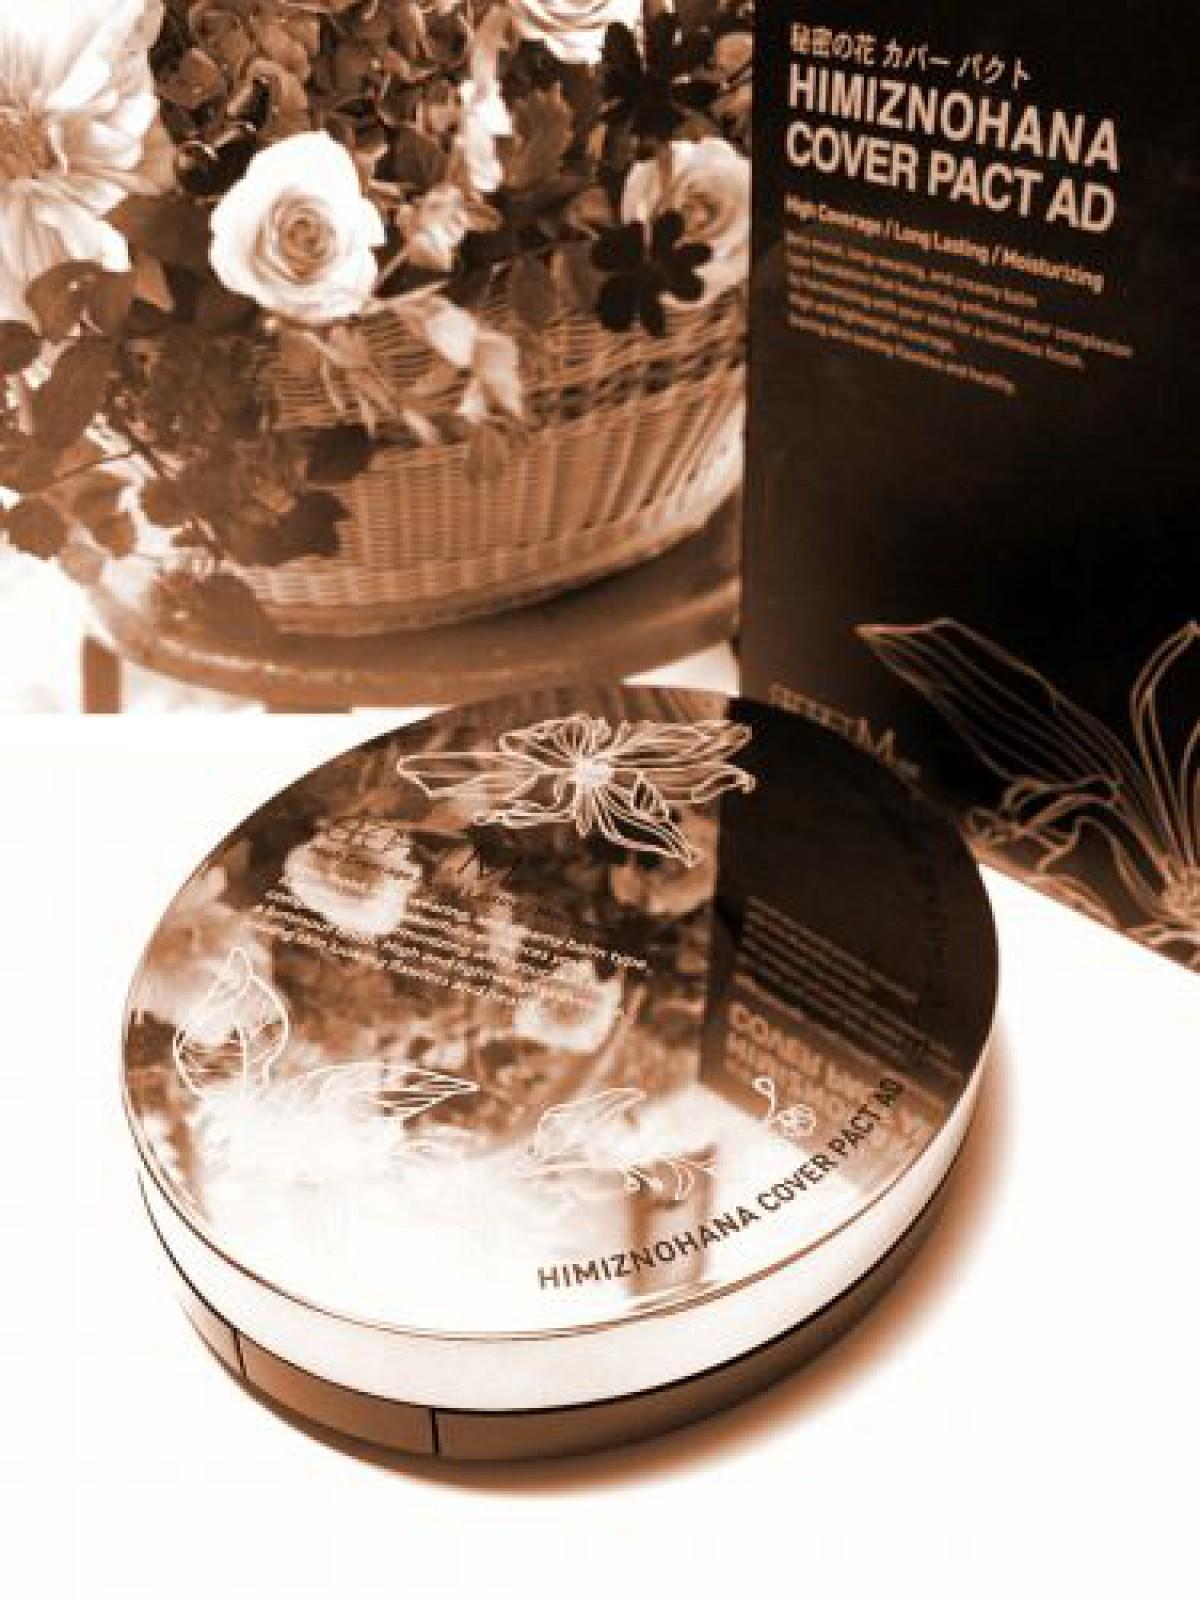 秋のベースメイクは「シークレットミューズ 秘密の花カバーパクトAD 」で決まり♪